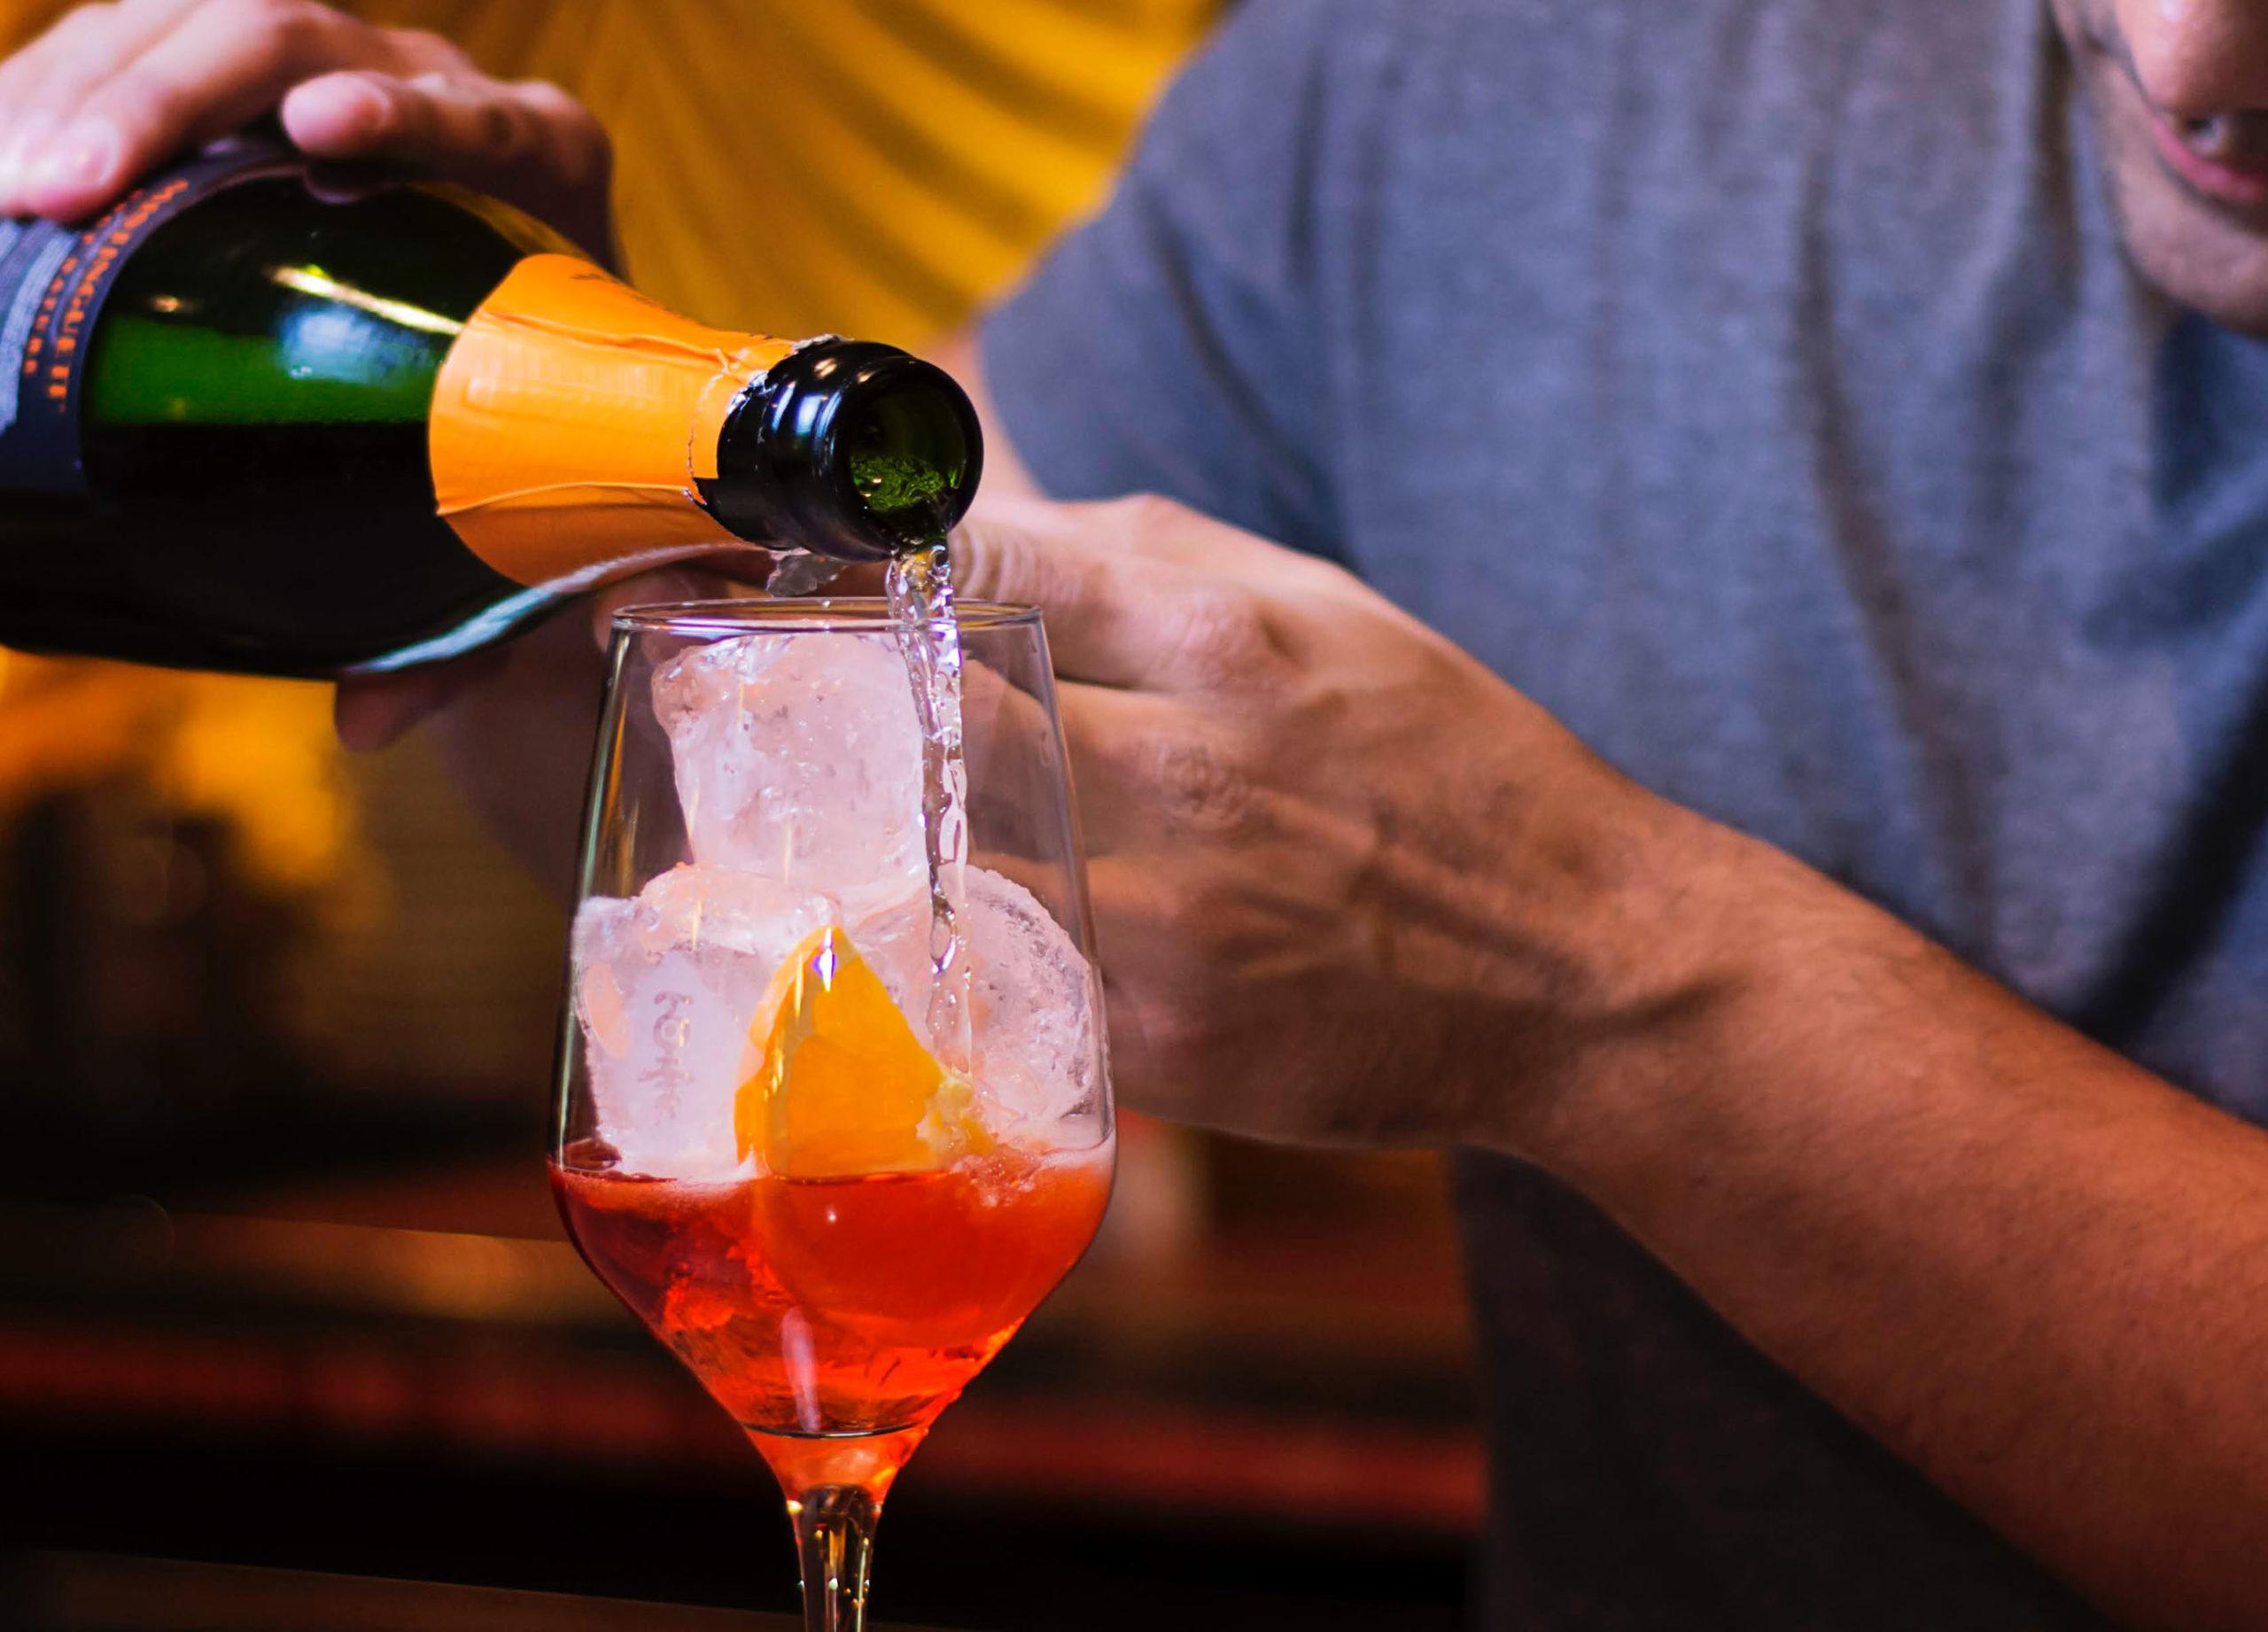 Photo d'un homme en train de verser du prosecco dans un verre contenant de l'Apérol afin de faire un Spritz